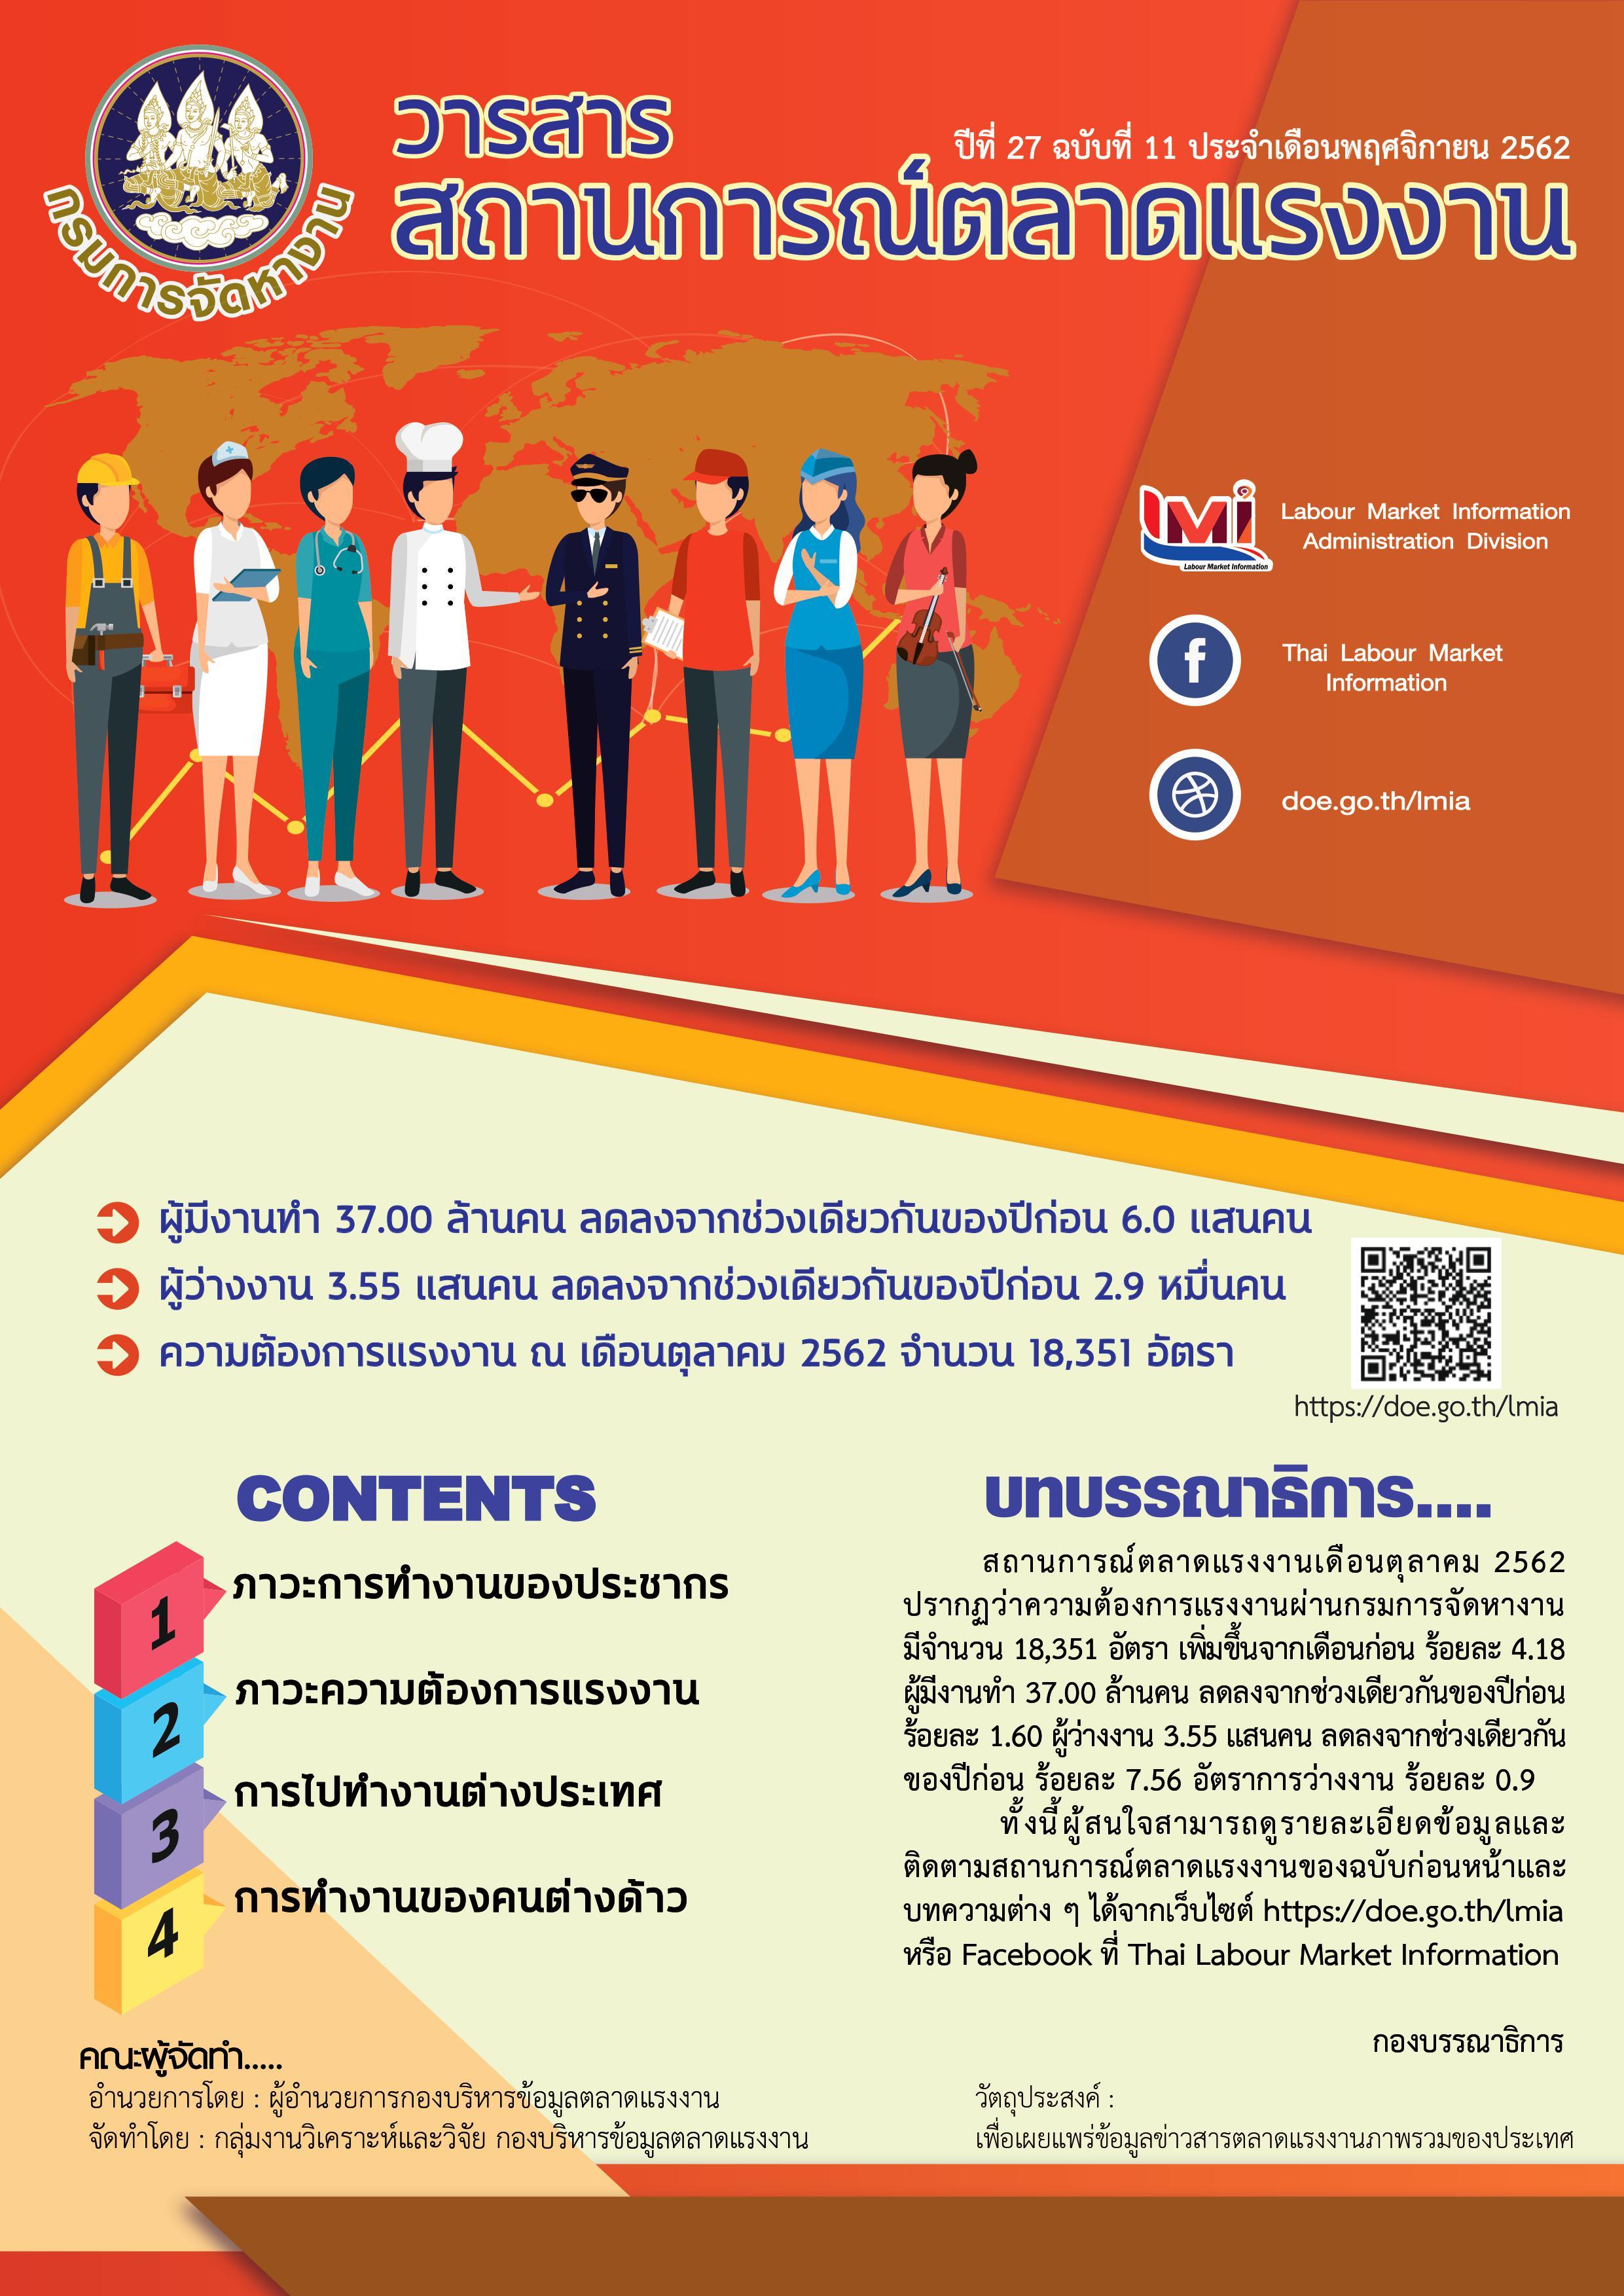 ปก วารสารสถานการณ์ตลาดแรงงานประจำเดือนพฤศจิกายน 2562